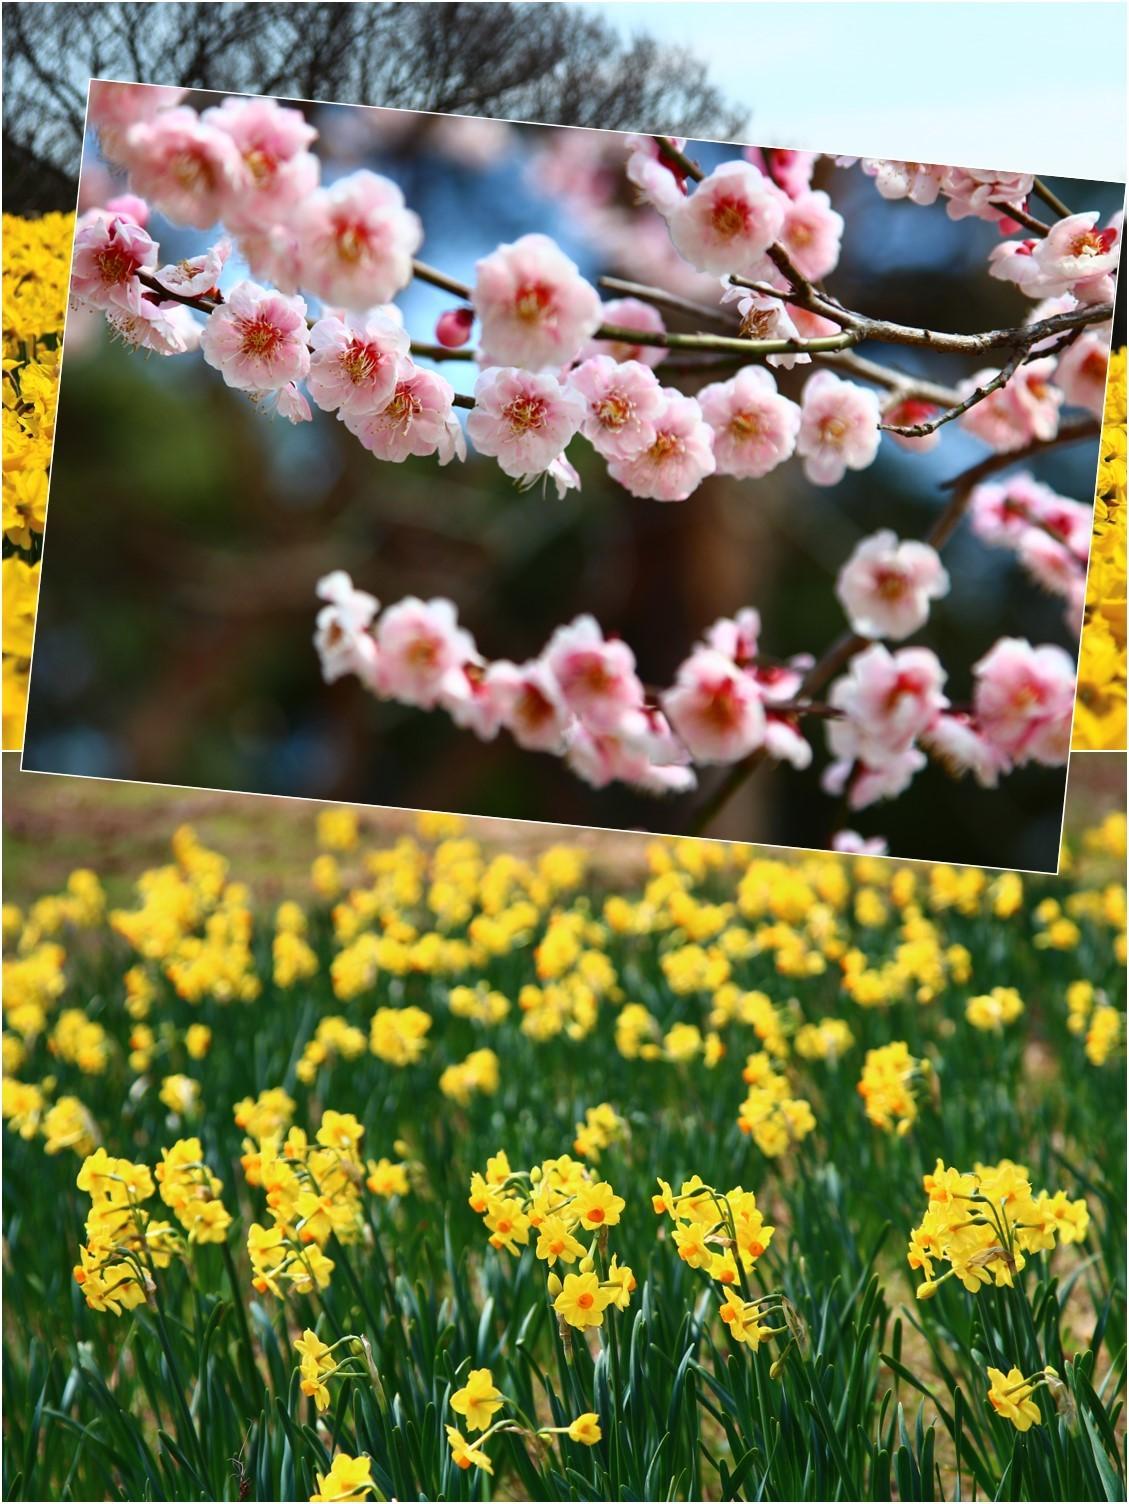 Daffodil picnic_a0107981_22590117.jpg